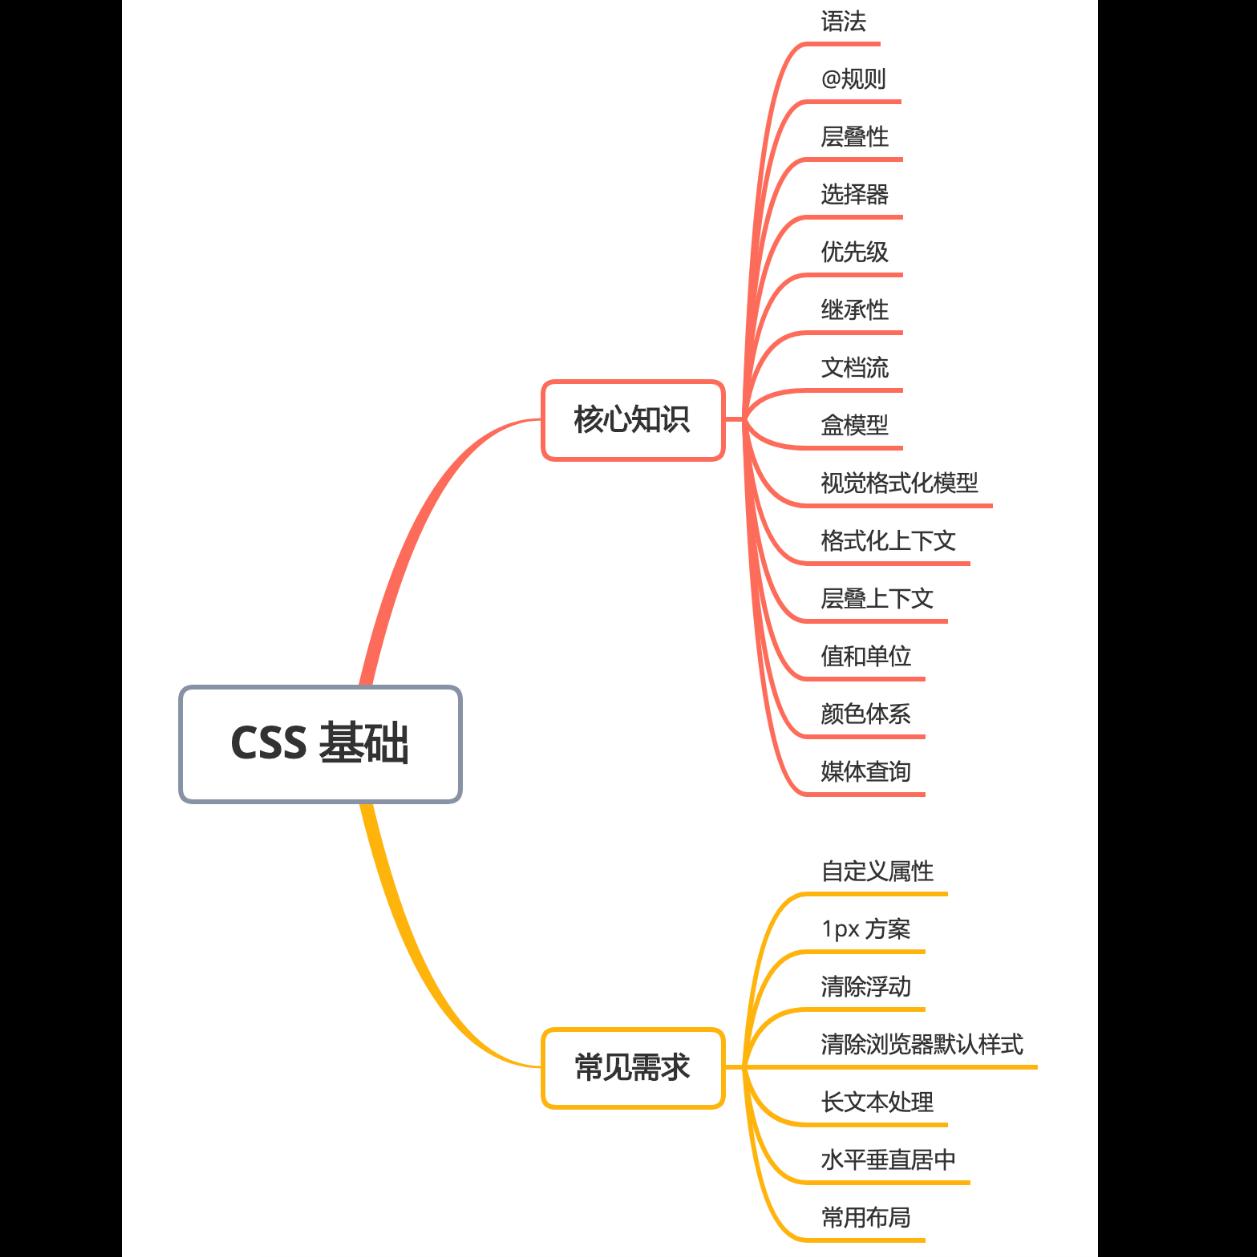 1.5 万字 CSS 基础拾遗(核心知识、常见需求)